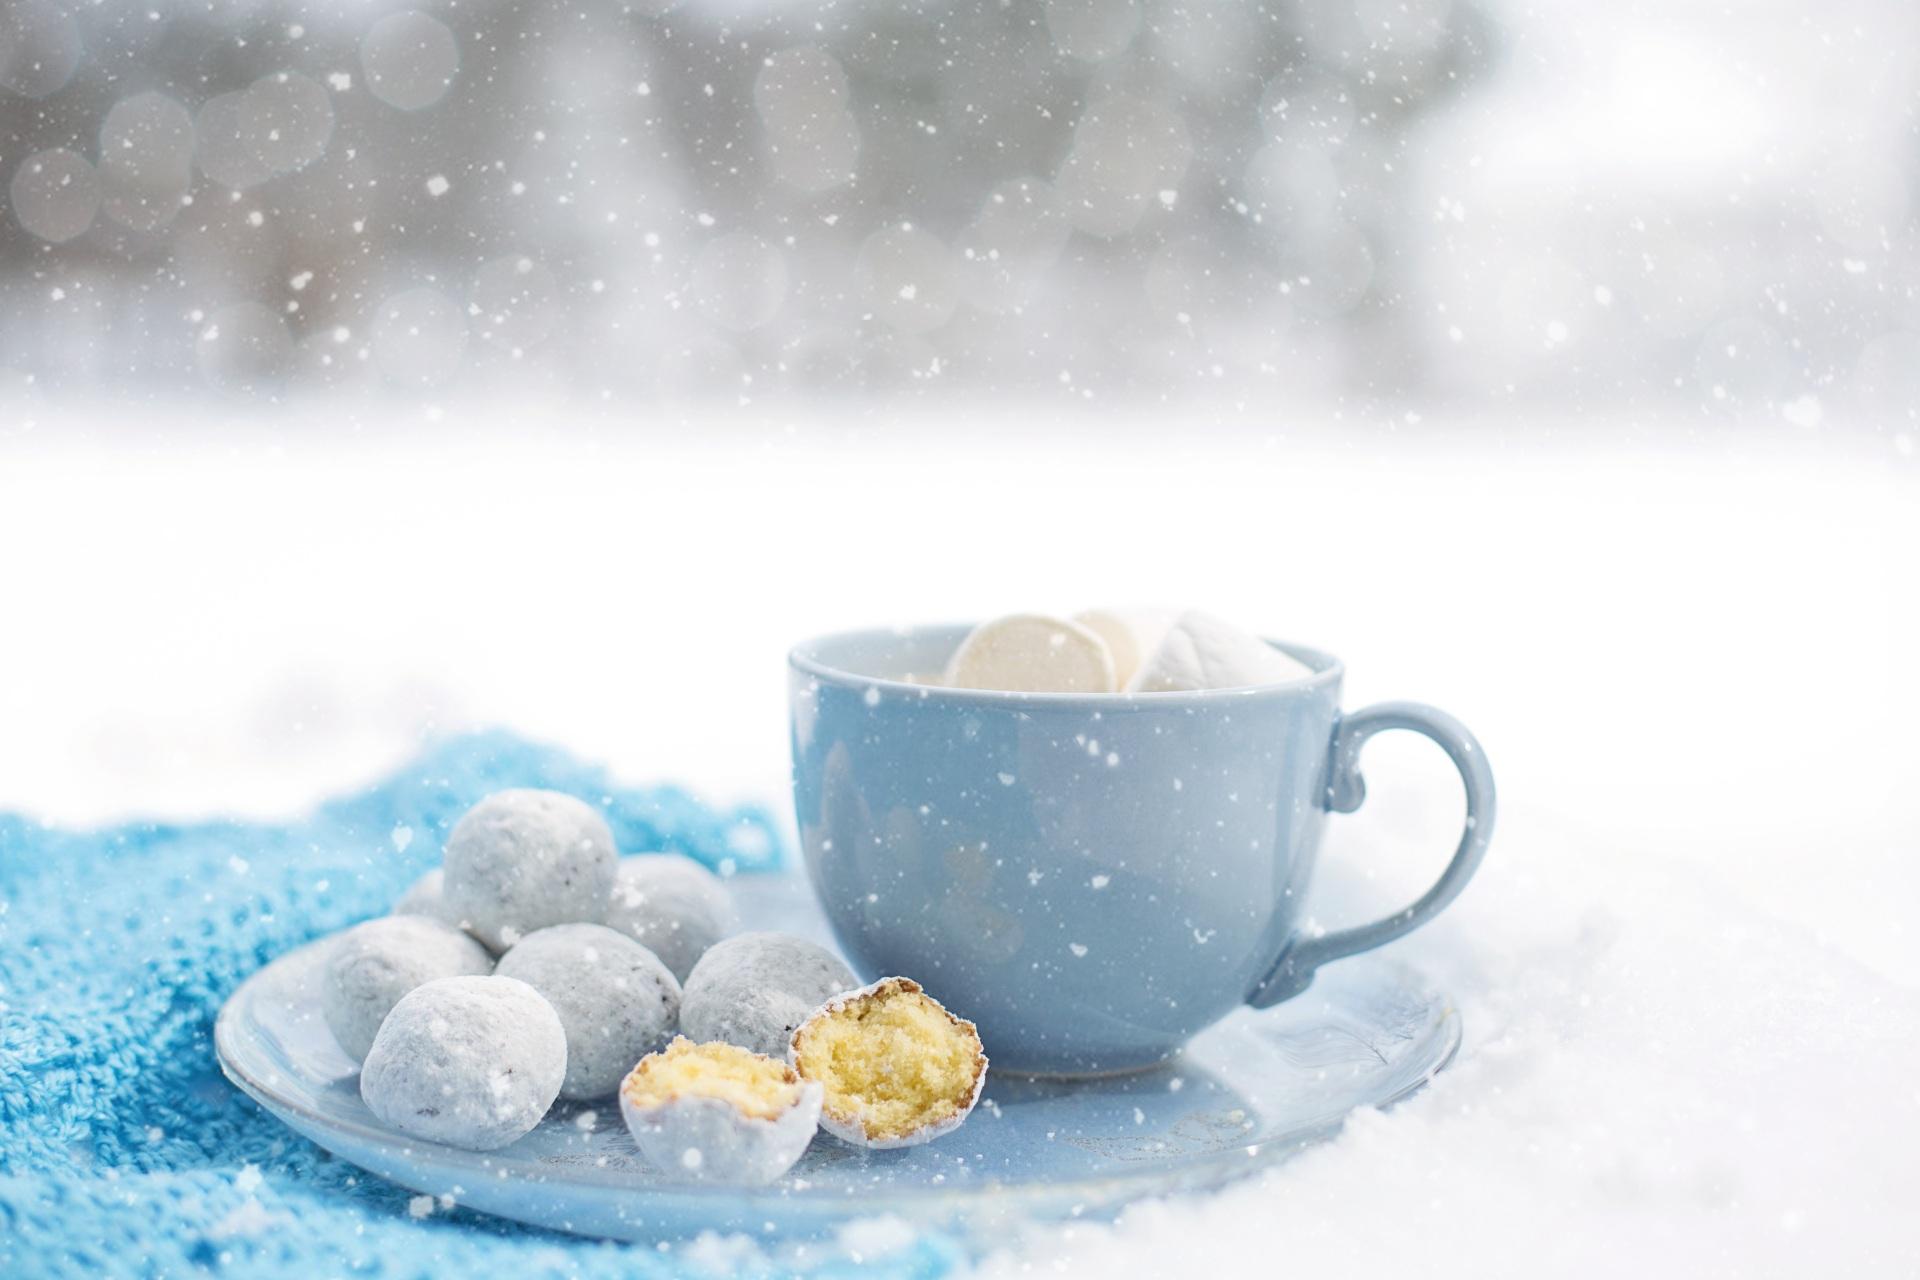 Картинка снежинка Пища Чашка Печенье 1920x1280 Снежинки Еда Продукты питания